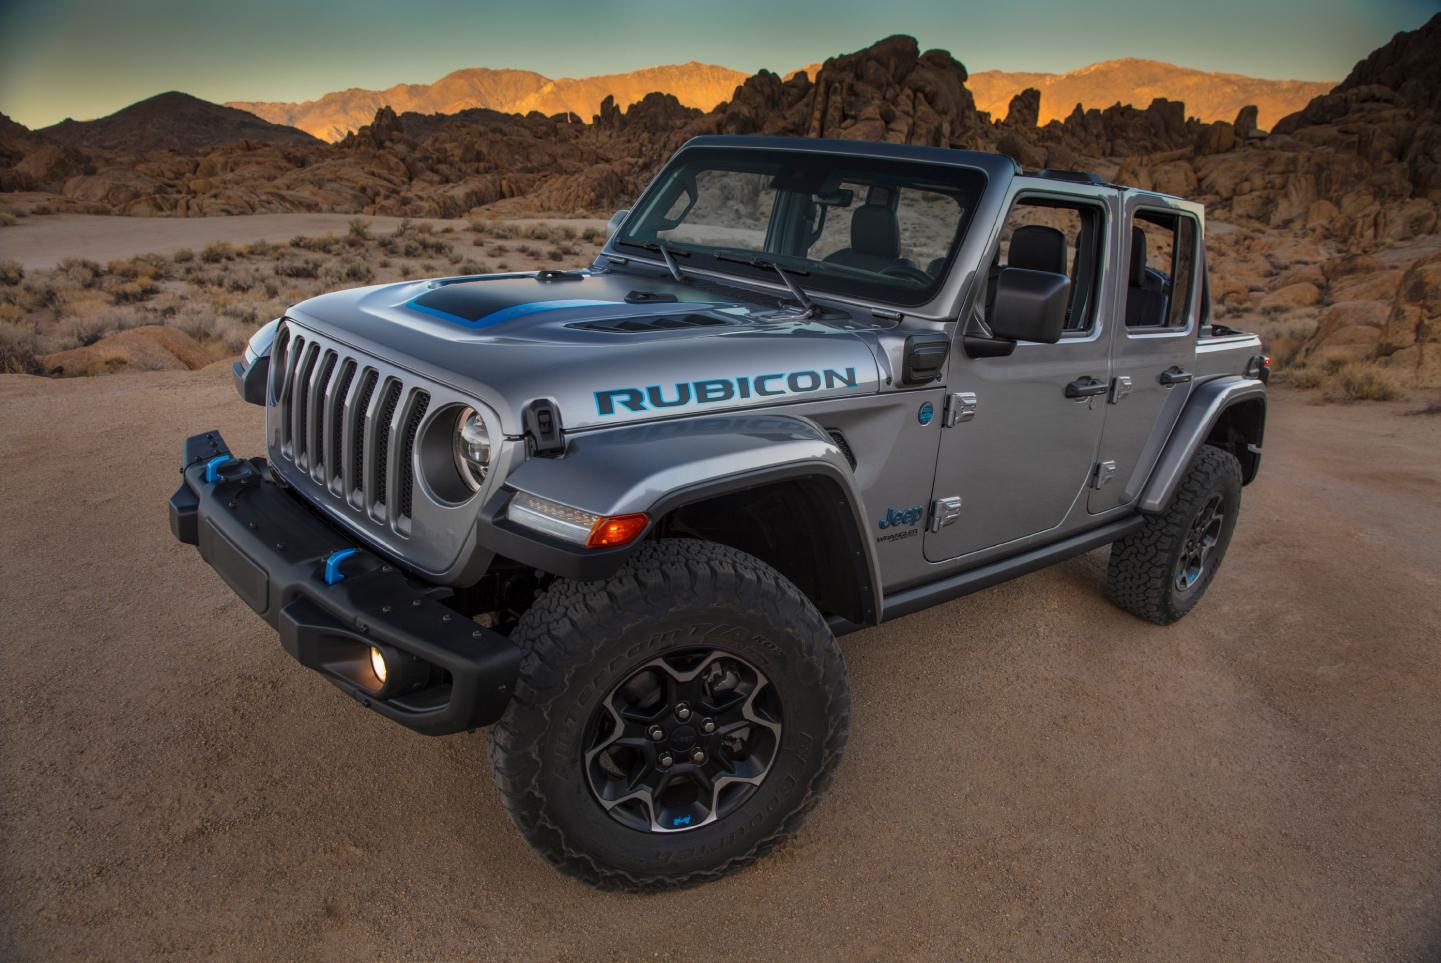 Jeep Wrangler 4xe in desert